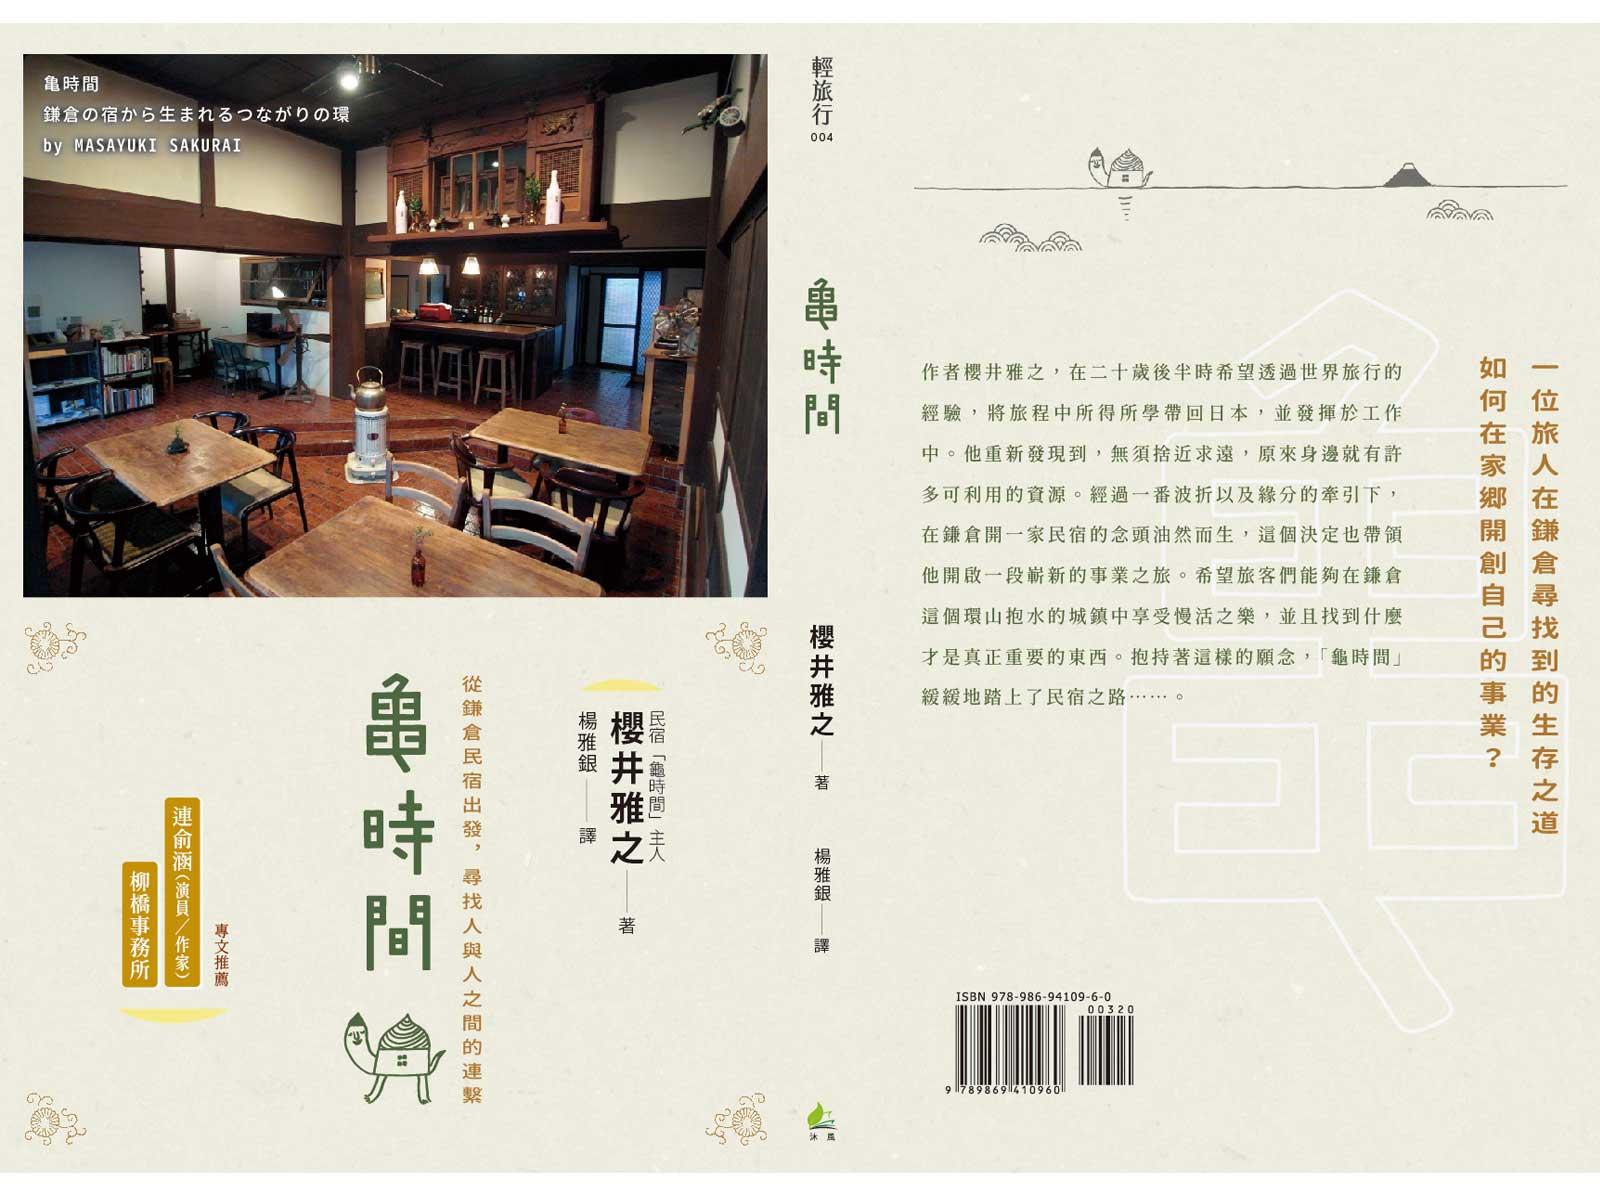 「亀時間 鎌倉の宿から生まれるつながりの環」台湾版発売!